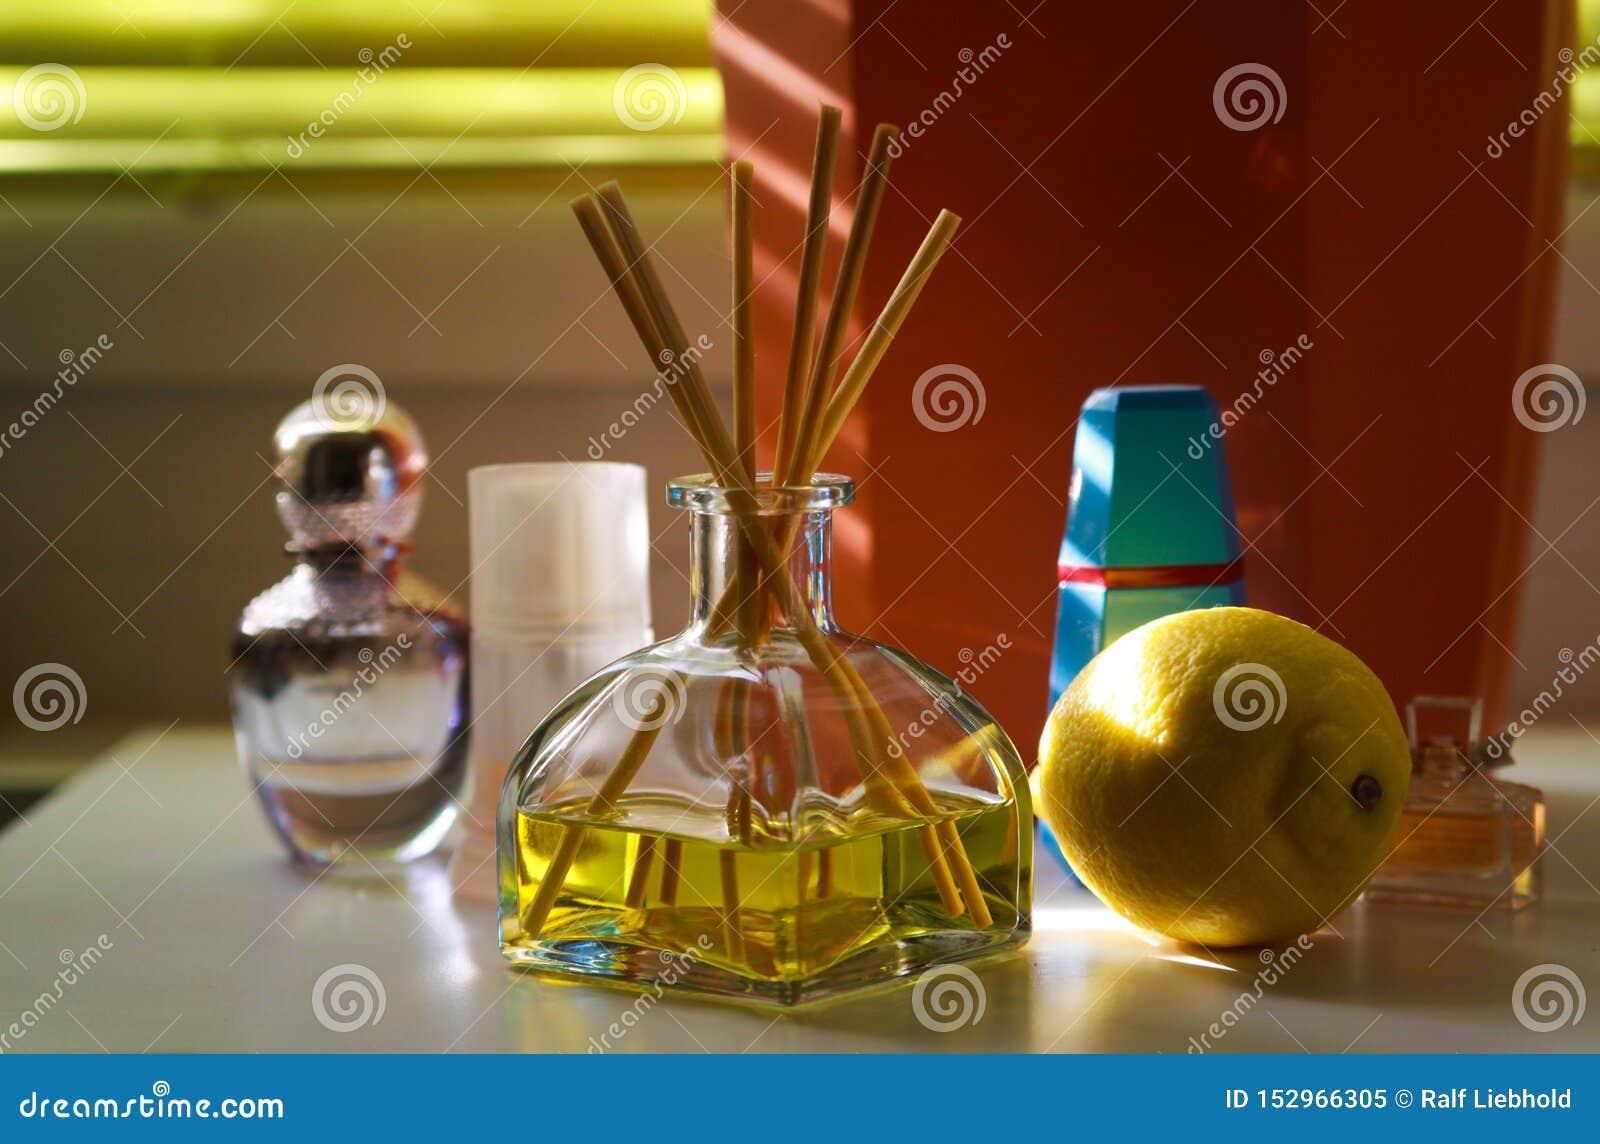 芬芳diffusor玻璃用在给柠檬的自然气味香水flacons之间的芦苇棍子